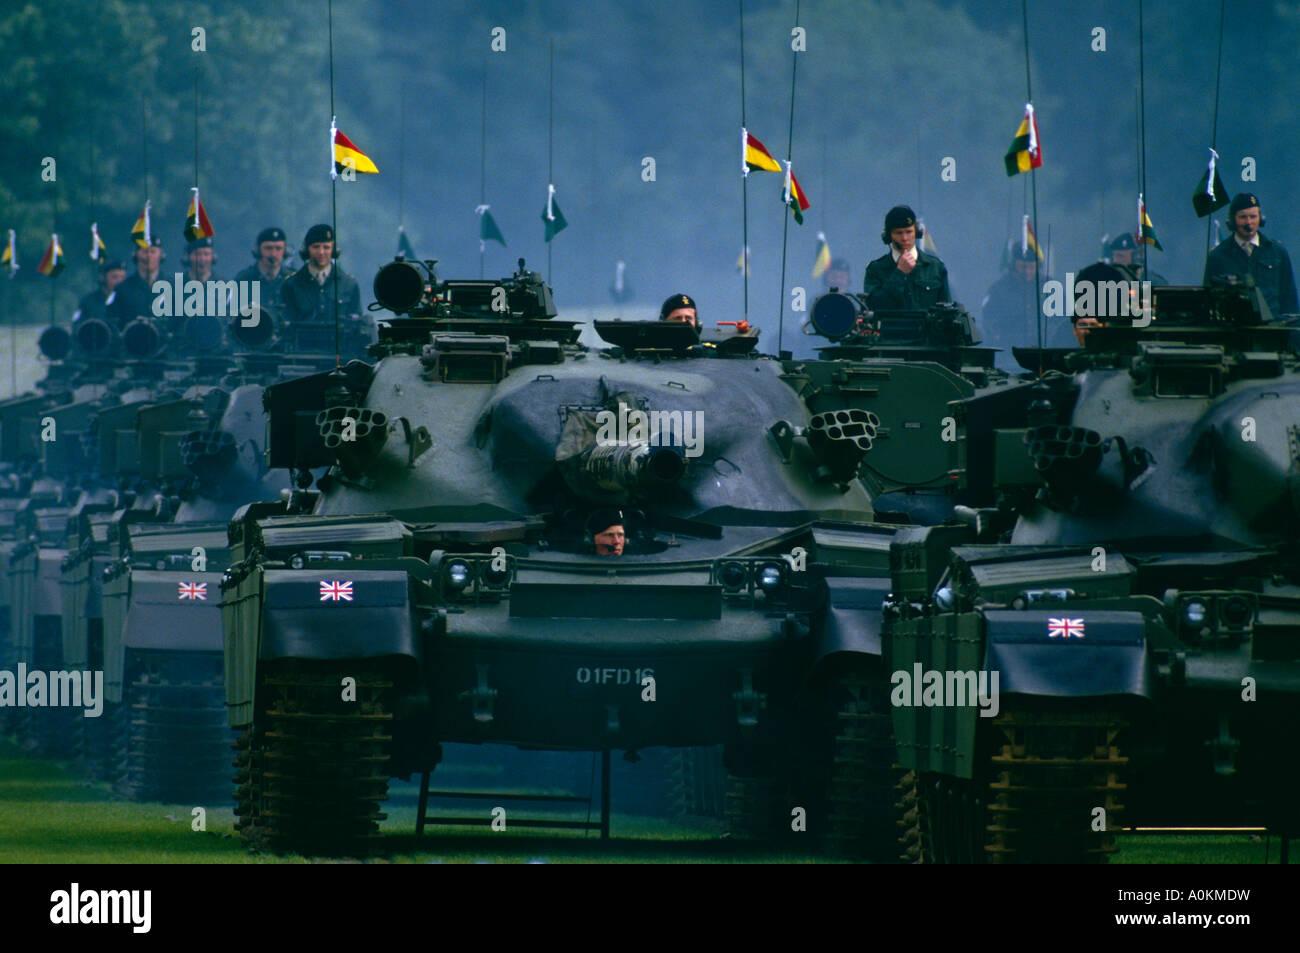 Panzer des 5. parade Inniskillen Dragoon Guards der britischen Armee in Tidworth, Hampshire, UK Stockbild